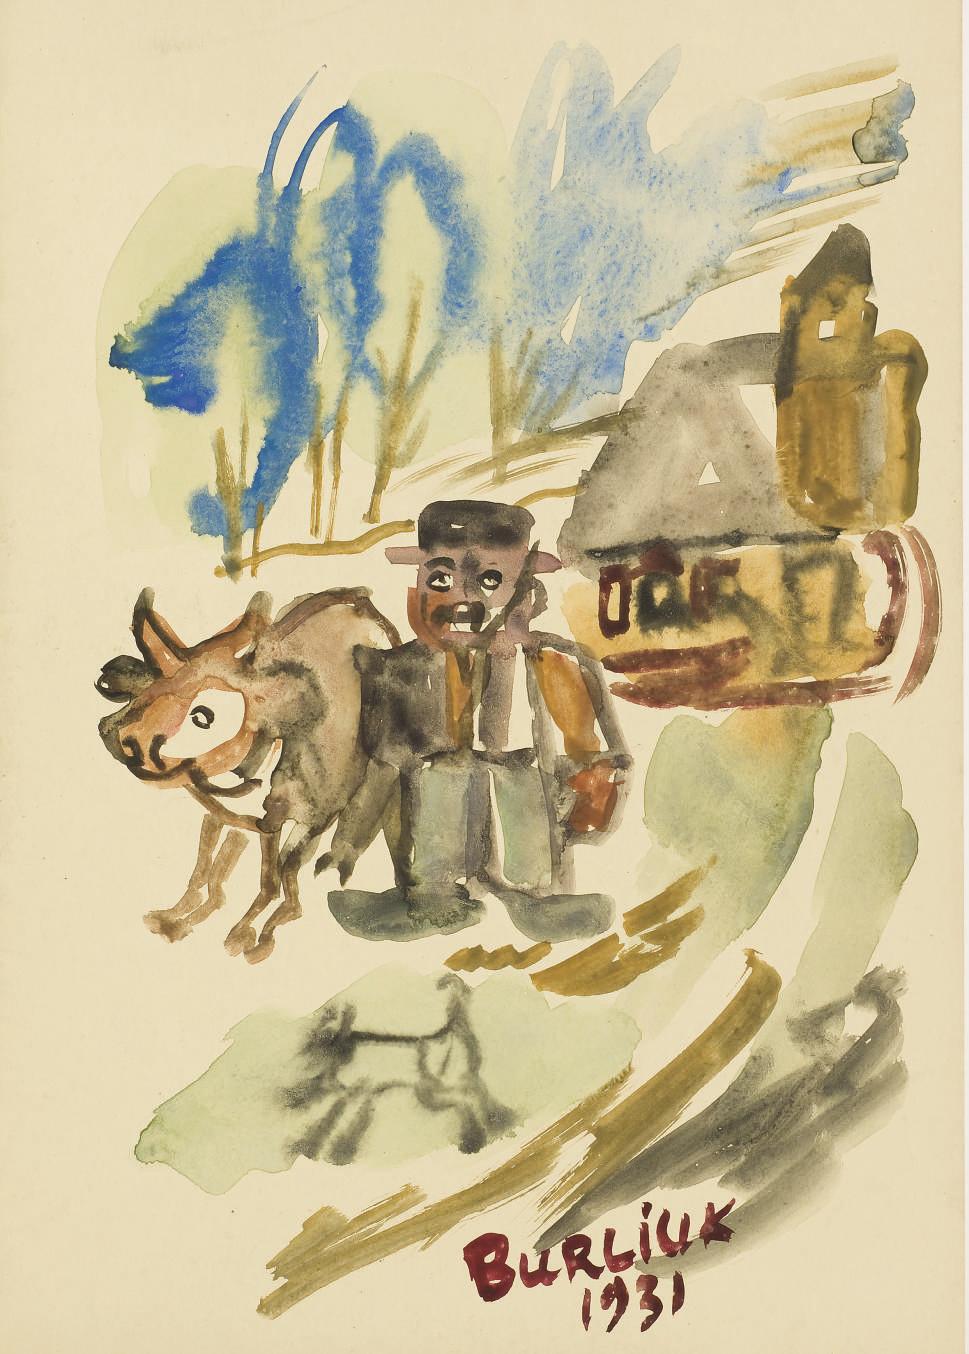 [AVANT-GARDE RUSSE] -- Réunion de deux plaquettes illustrées par BURLIUK. New York: 1931.